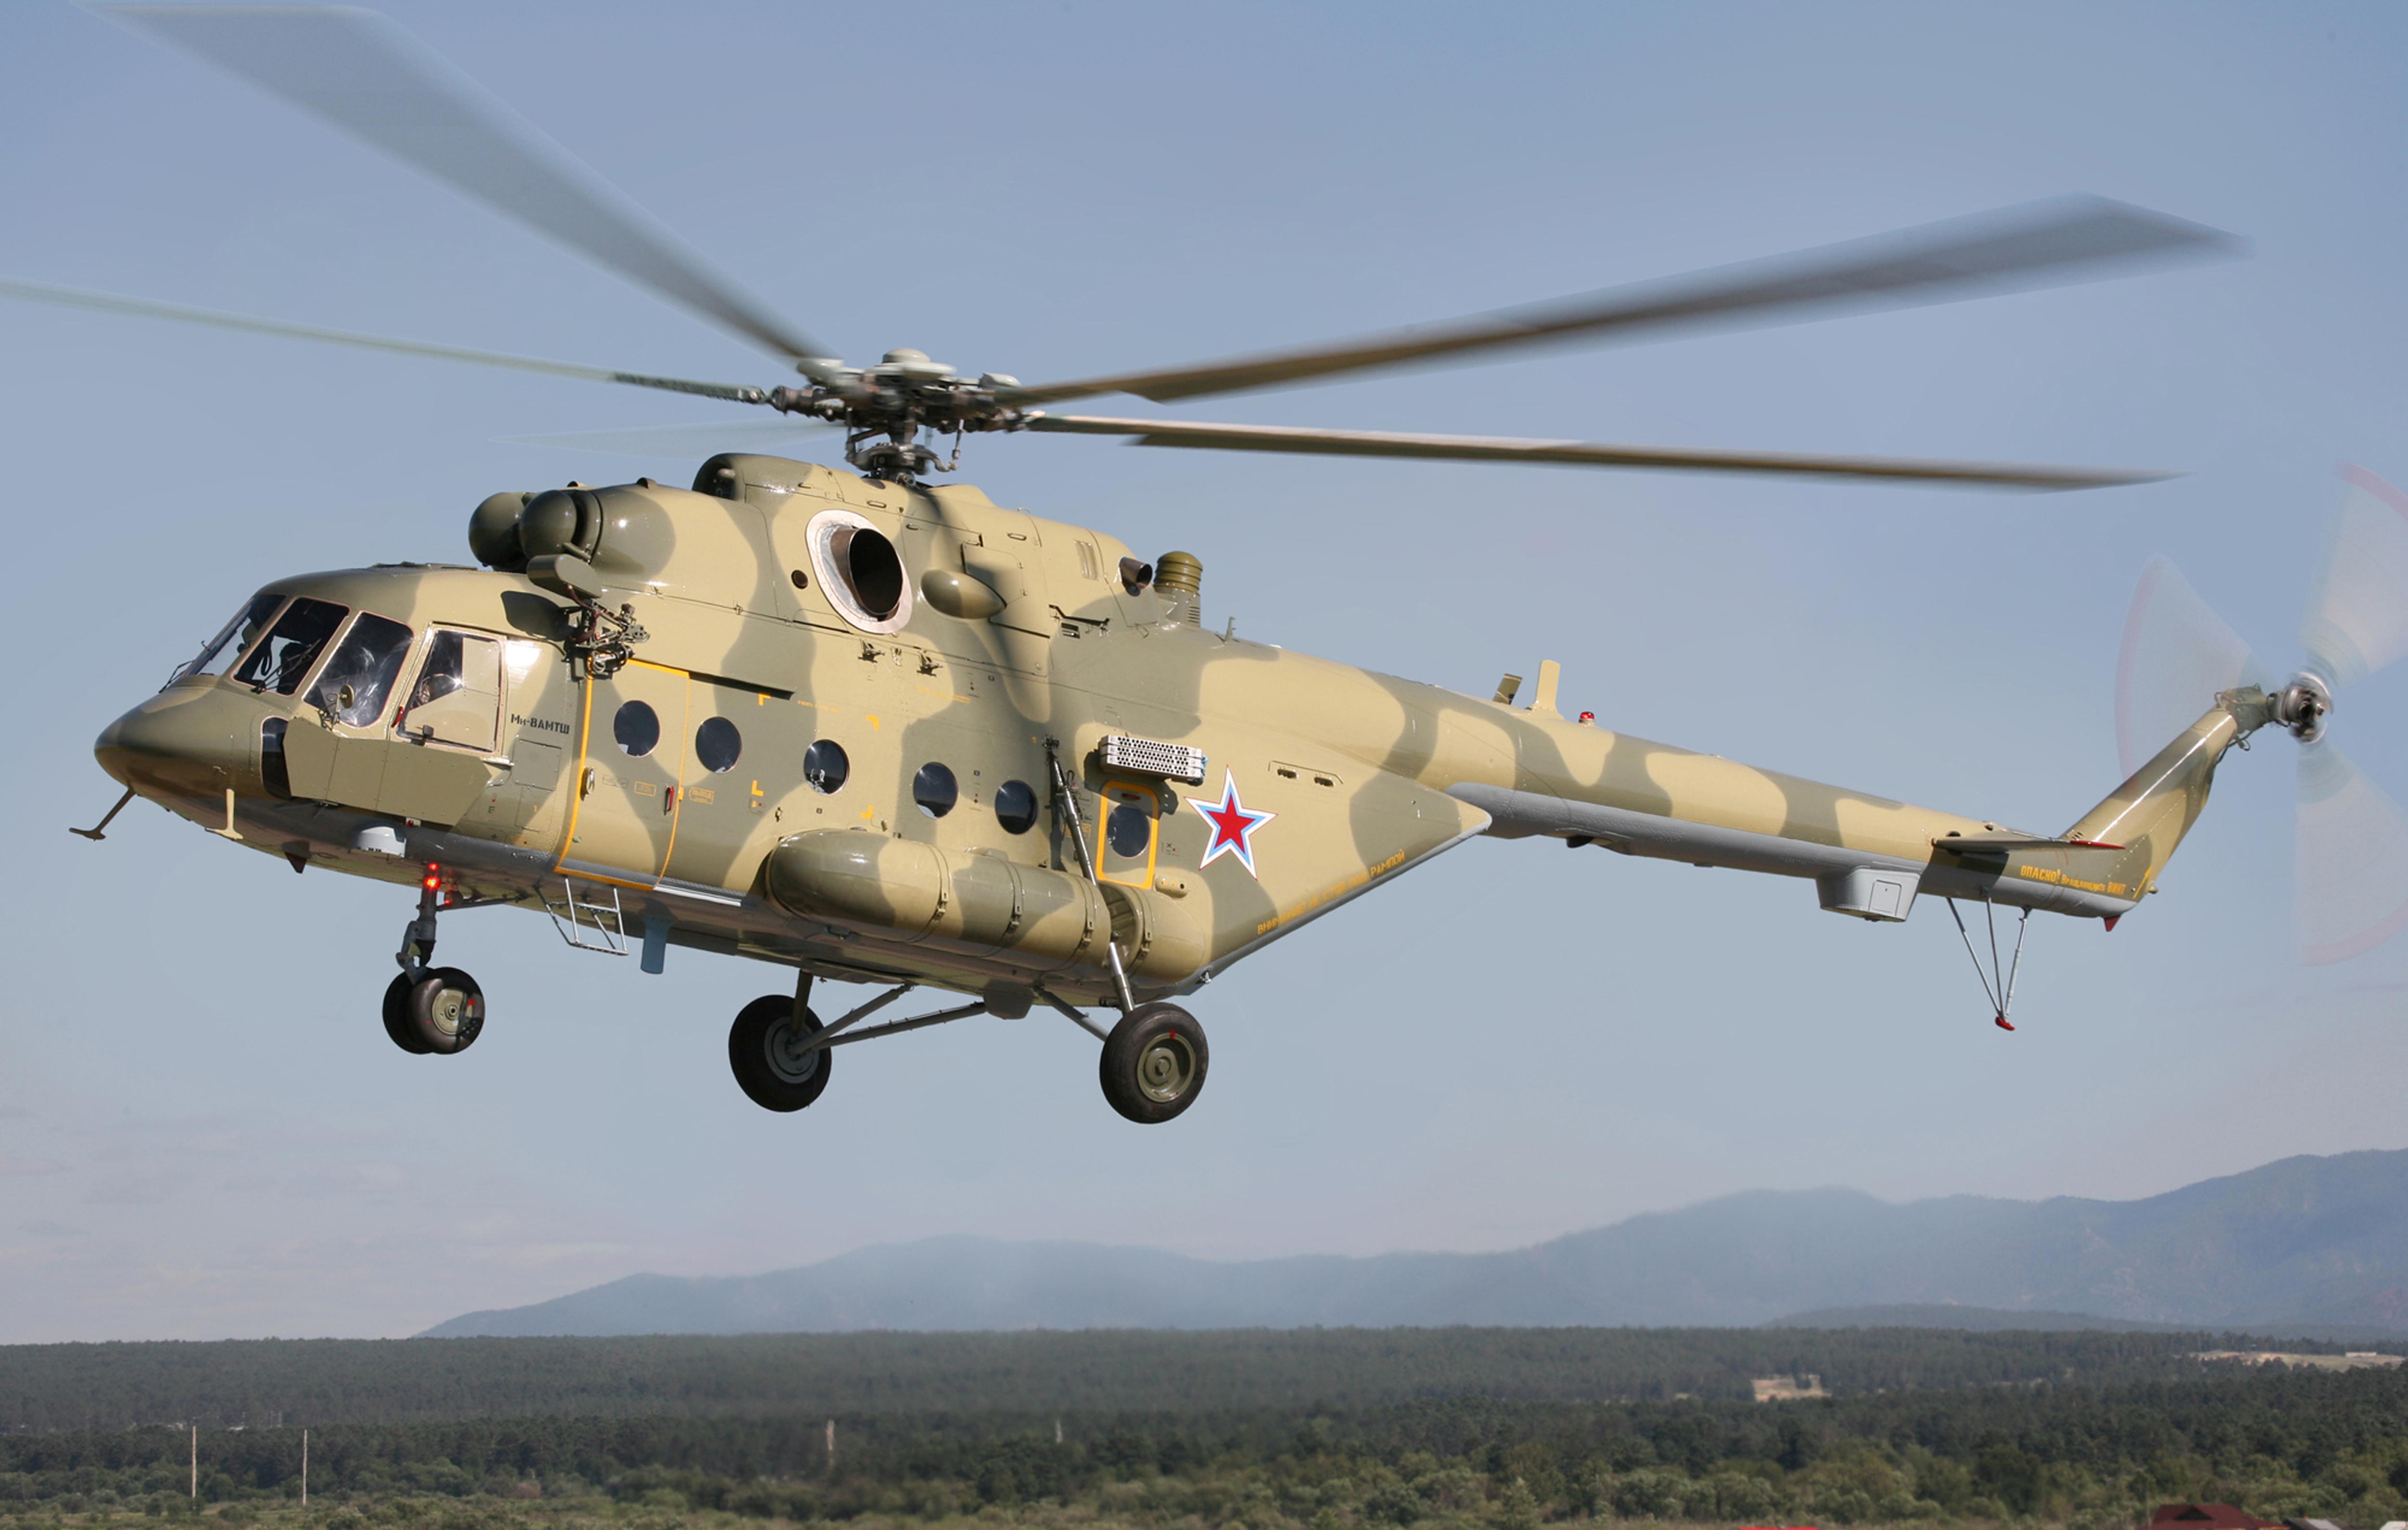 так картинки самолетов и вертолетов с названиями что